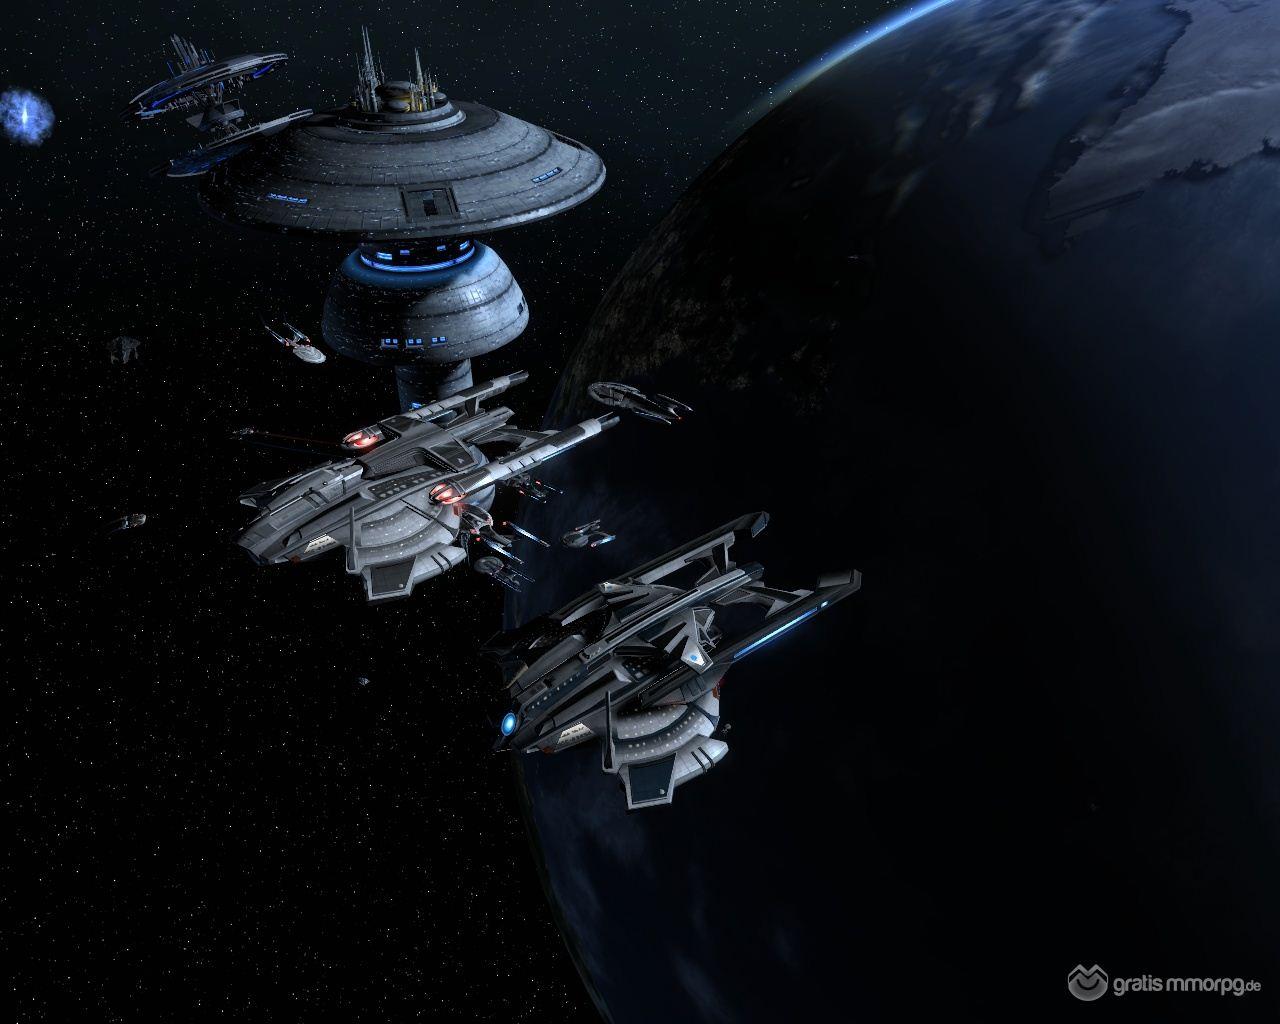 Klicke auf die Grafik für eine größere AnsichtName:Star Trek Online (18).jpgHits:180Größe:121,9 KBID:4461